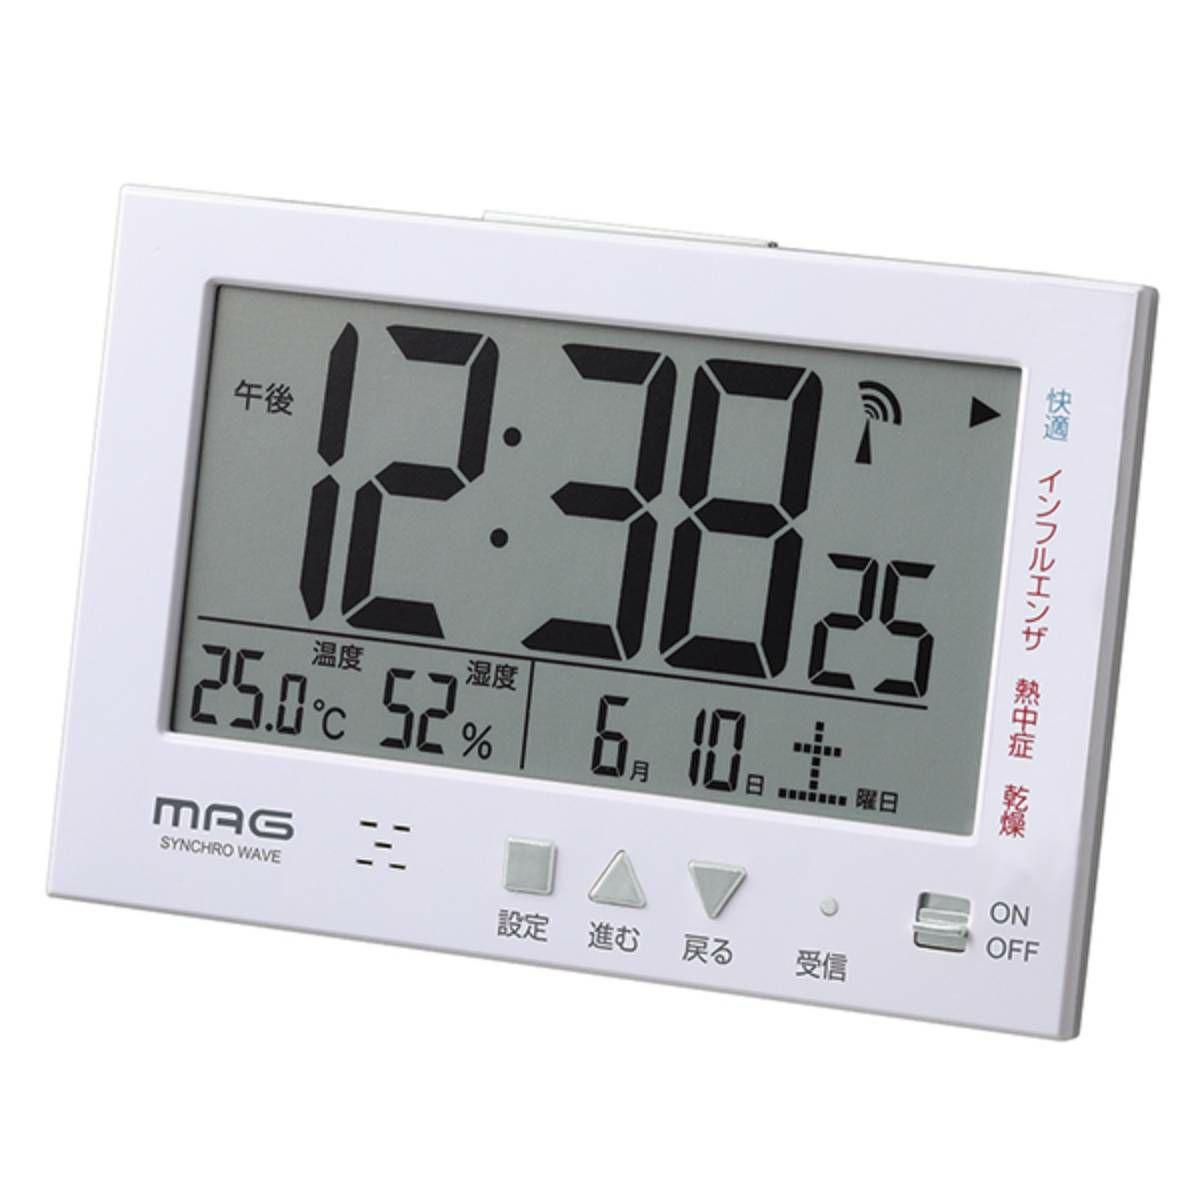 ≪メーカー直販≫ MAG(マグ) T-727 WH-Z デジタル 電波時計 置時計 目覚まし時計 温度計 湿度計 カレンダー 環境目安表示 静音 エアサーチミチビキ 横幅15㎝ ホワイト 1台